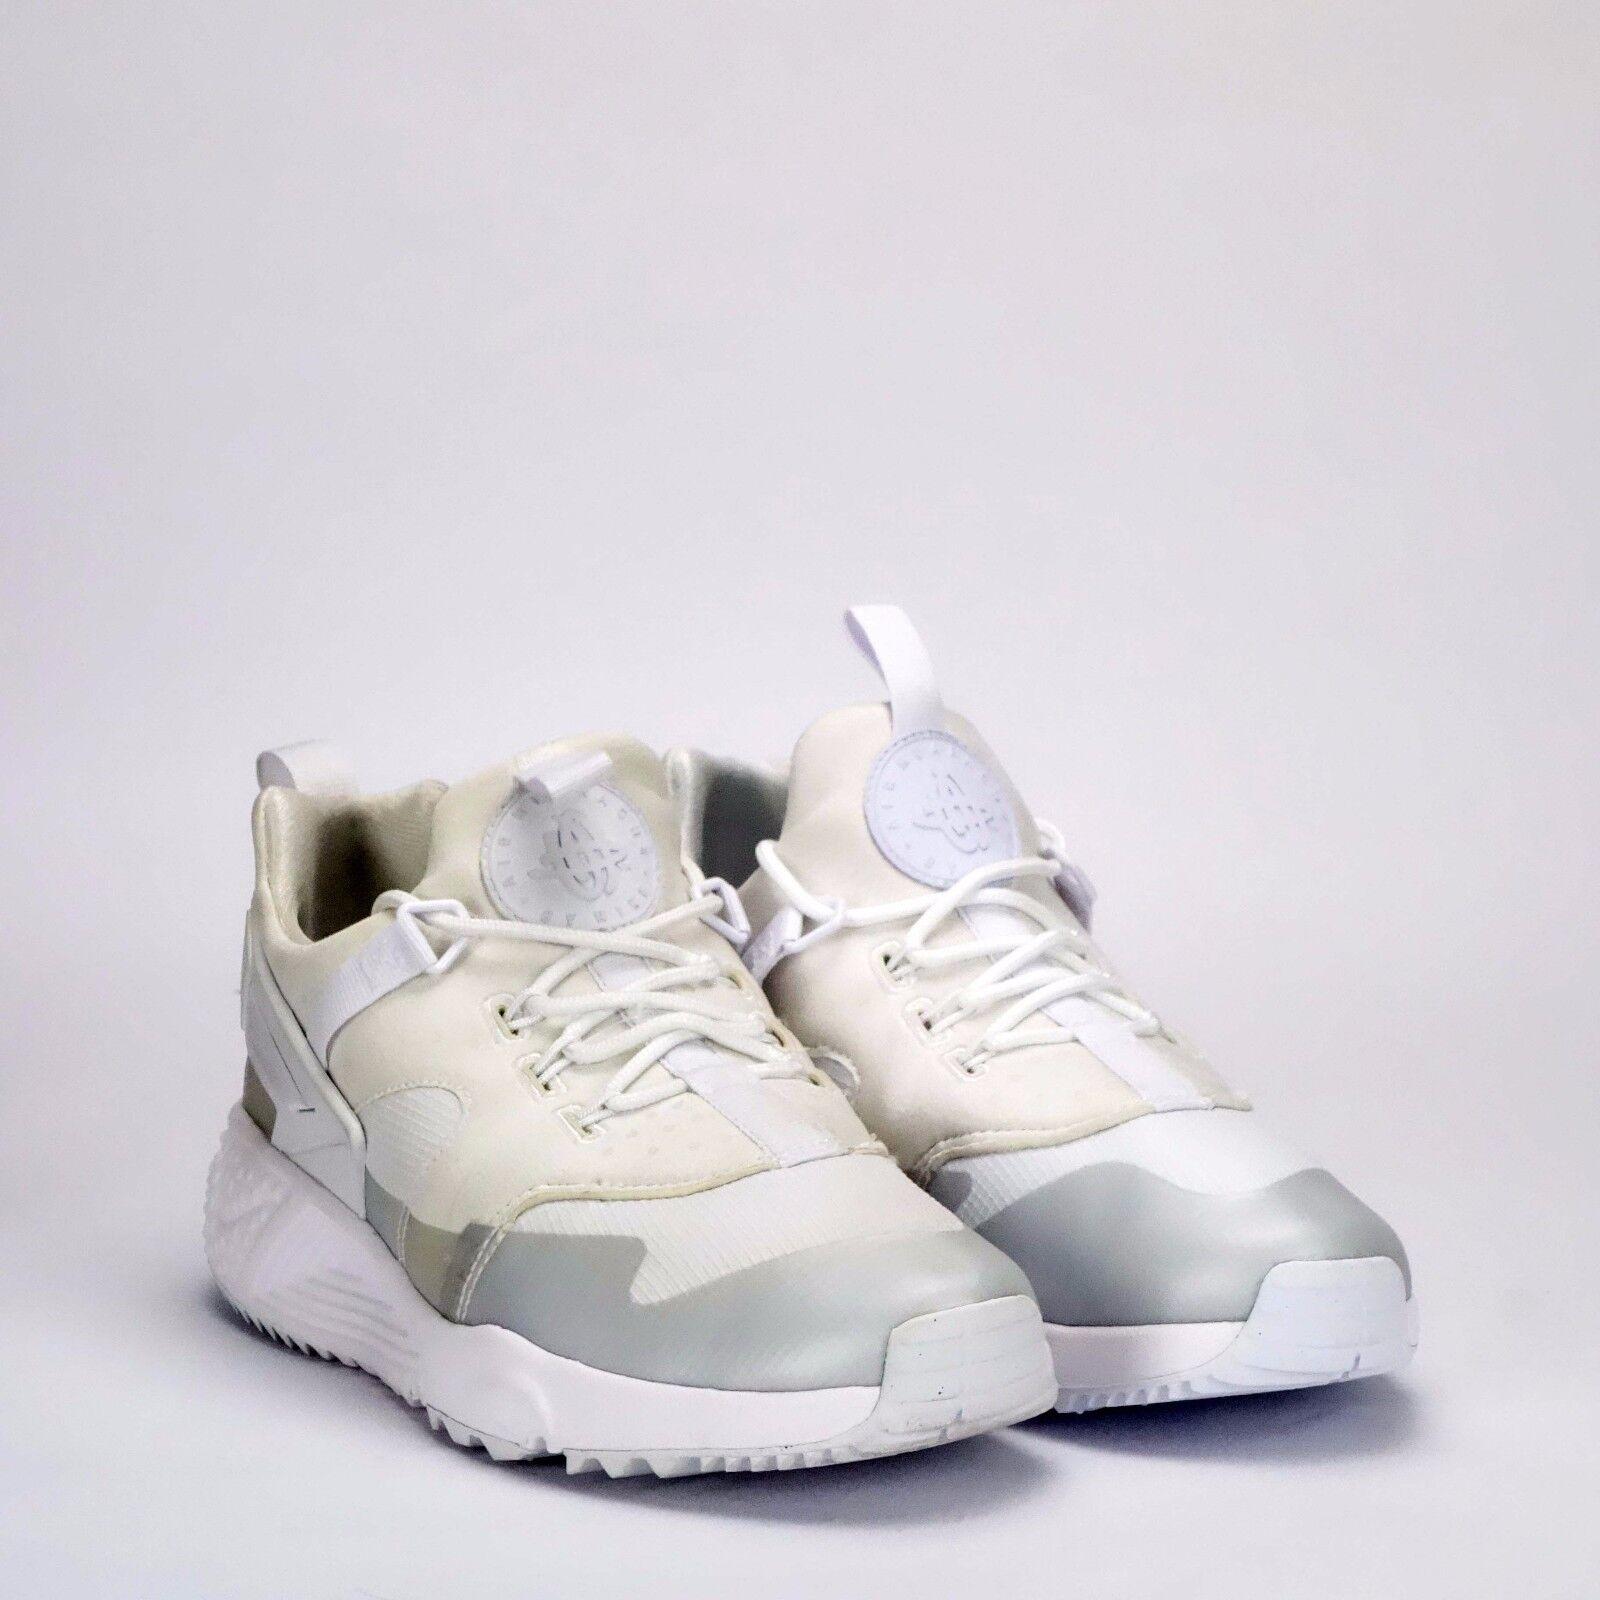 Nike air huarache di scarpe bianco da uomo bianco scarpe ex display a69c8c